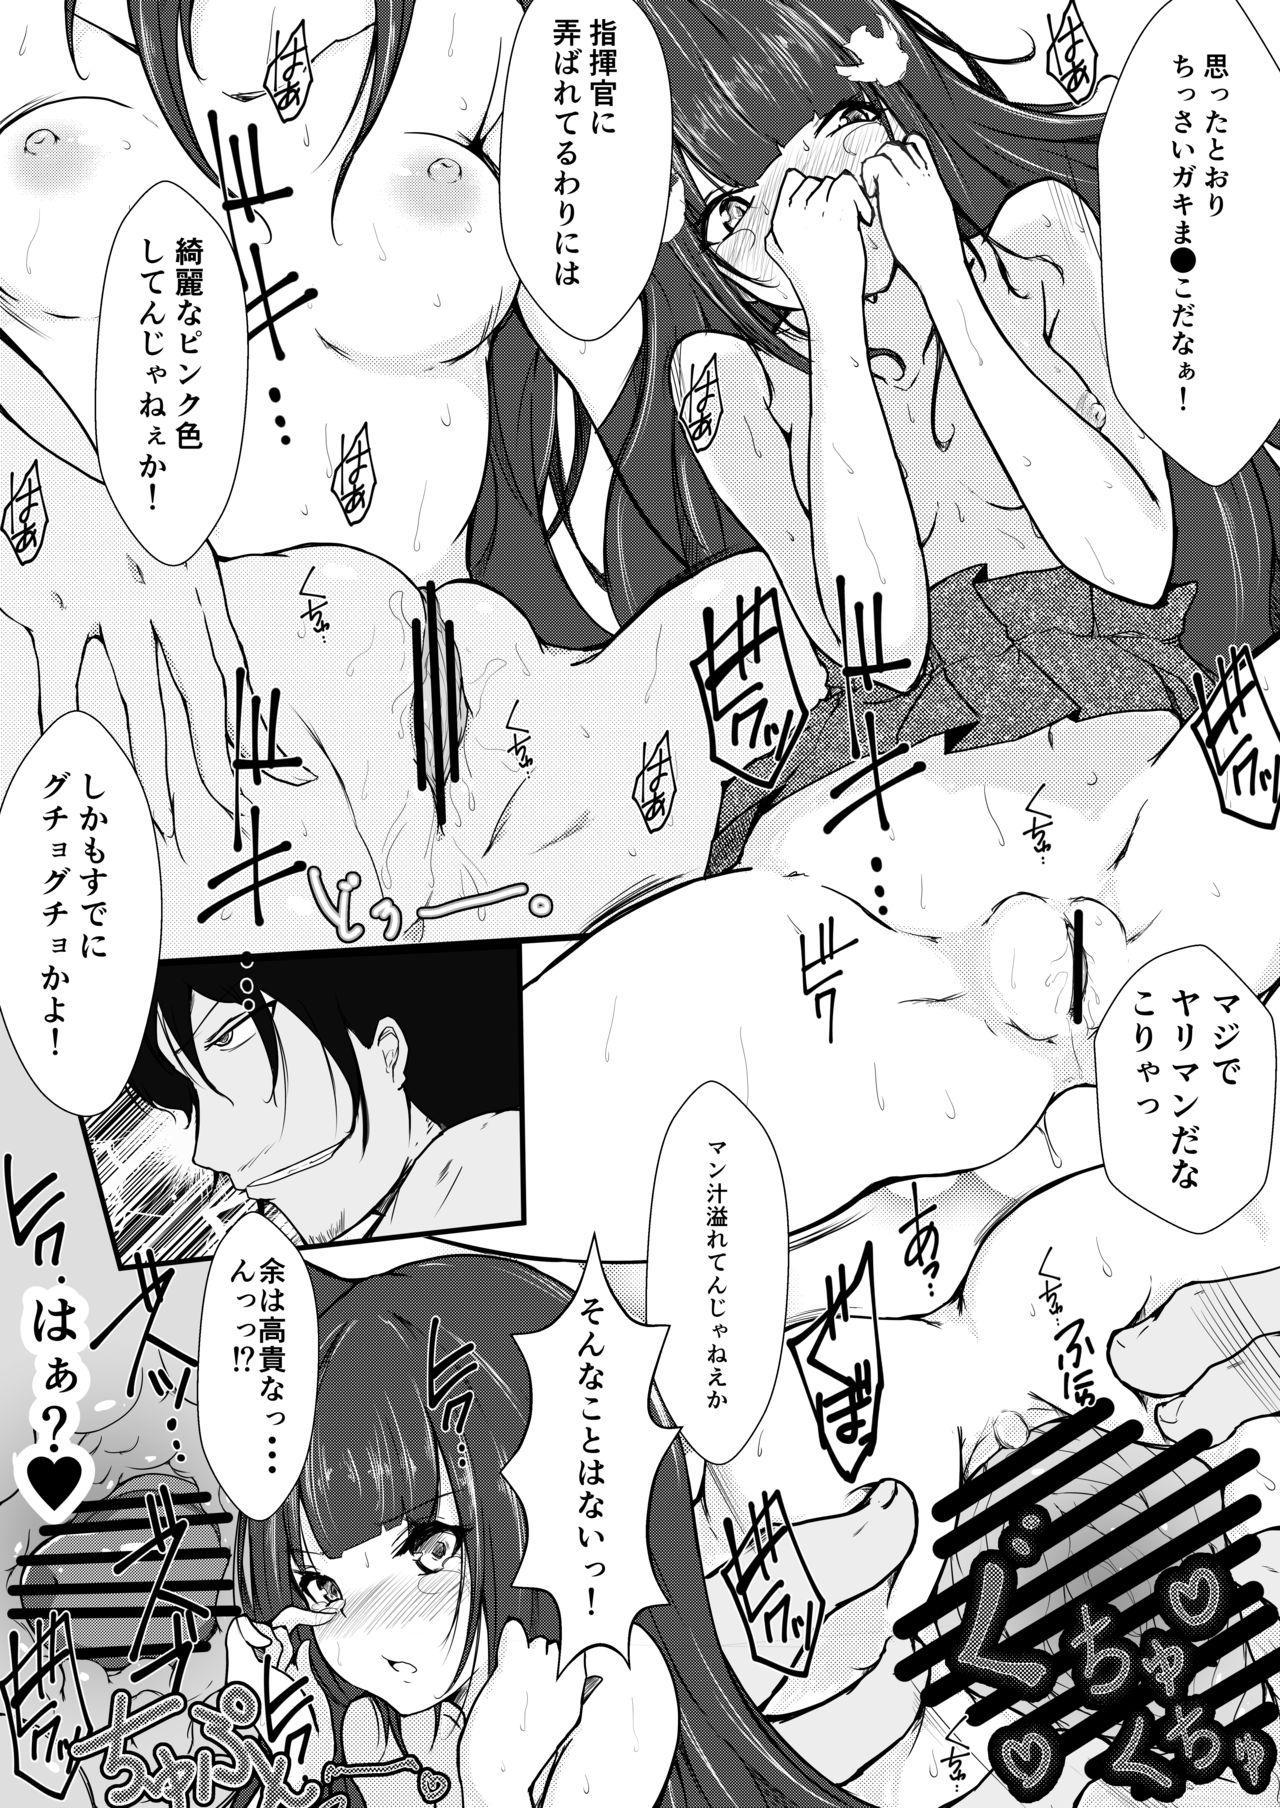 Nagato-chan ga Teitoku Hitosuji dattanode, Netotte Haramase Ninshin saseruo Zamaa Wara 11